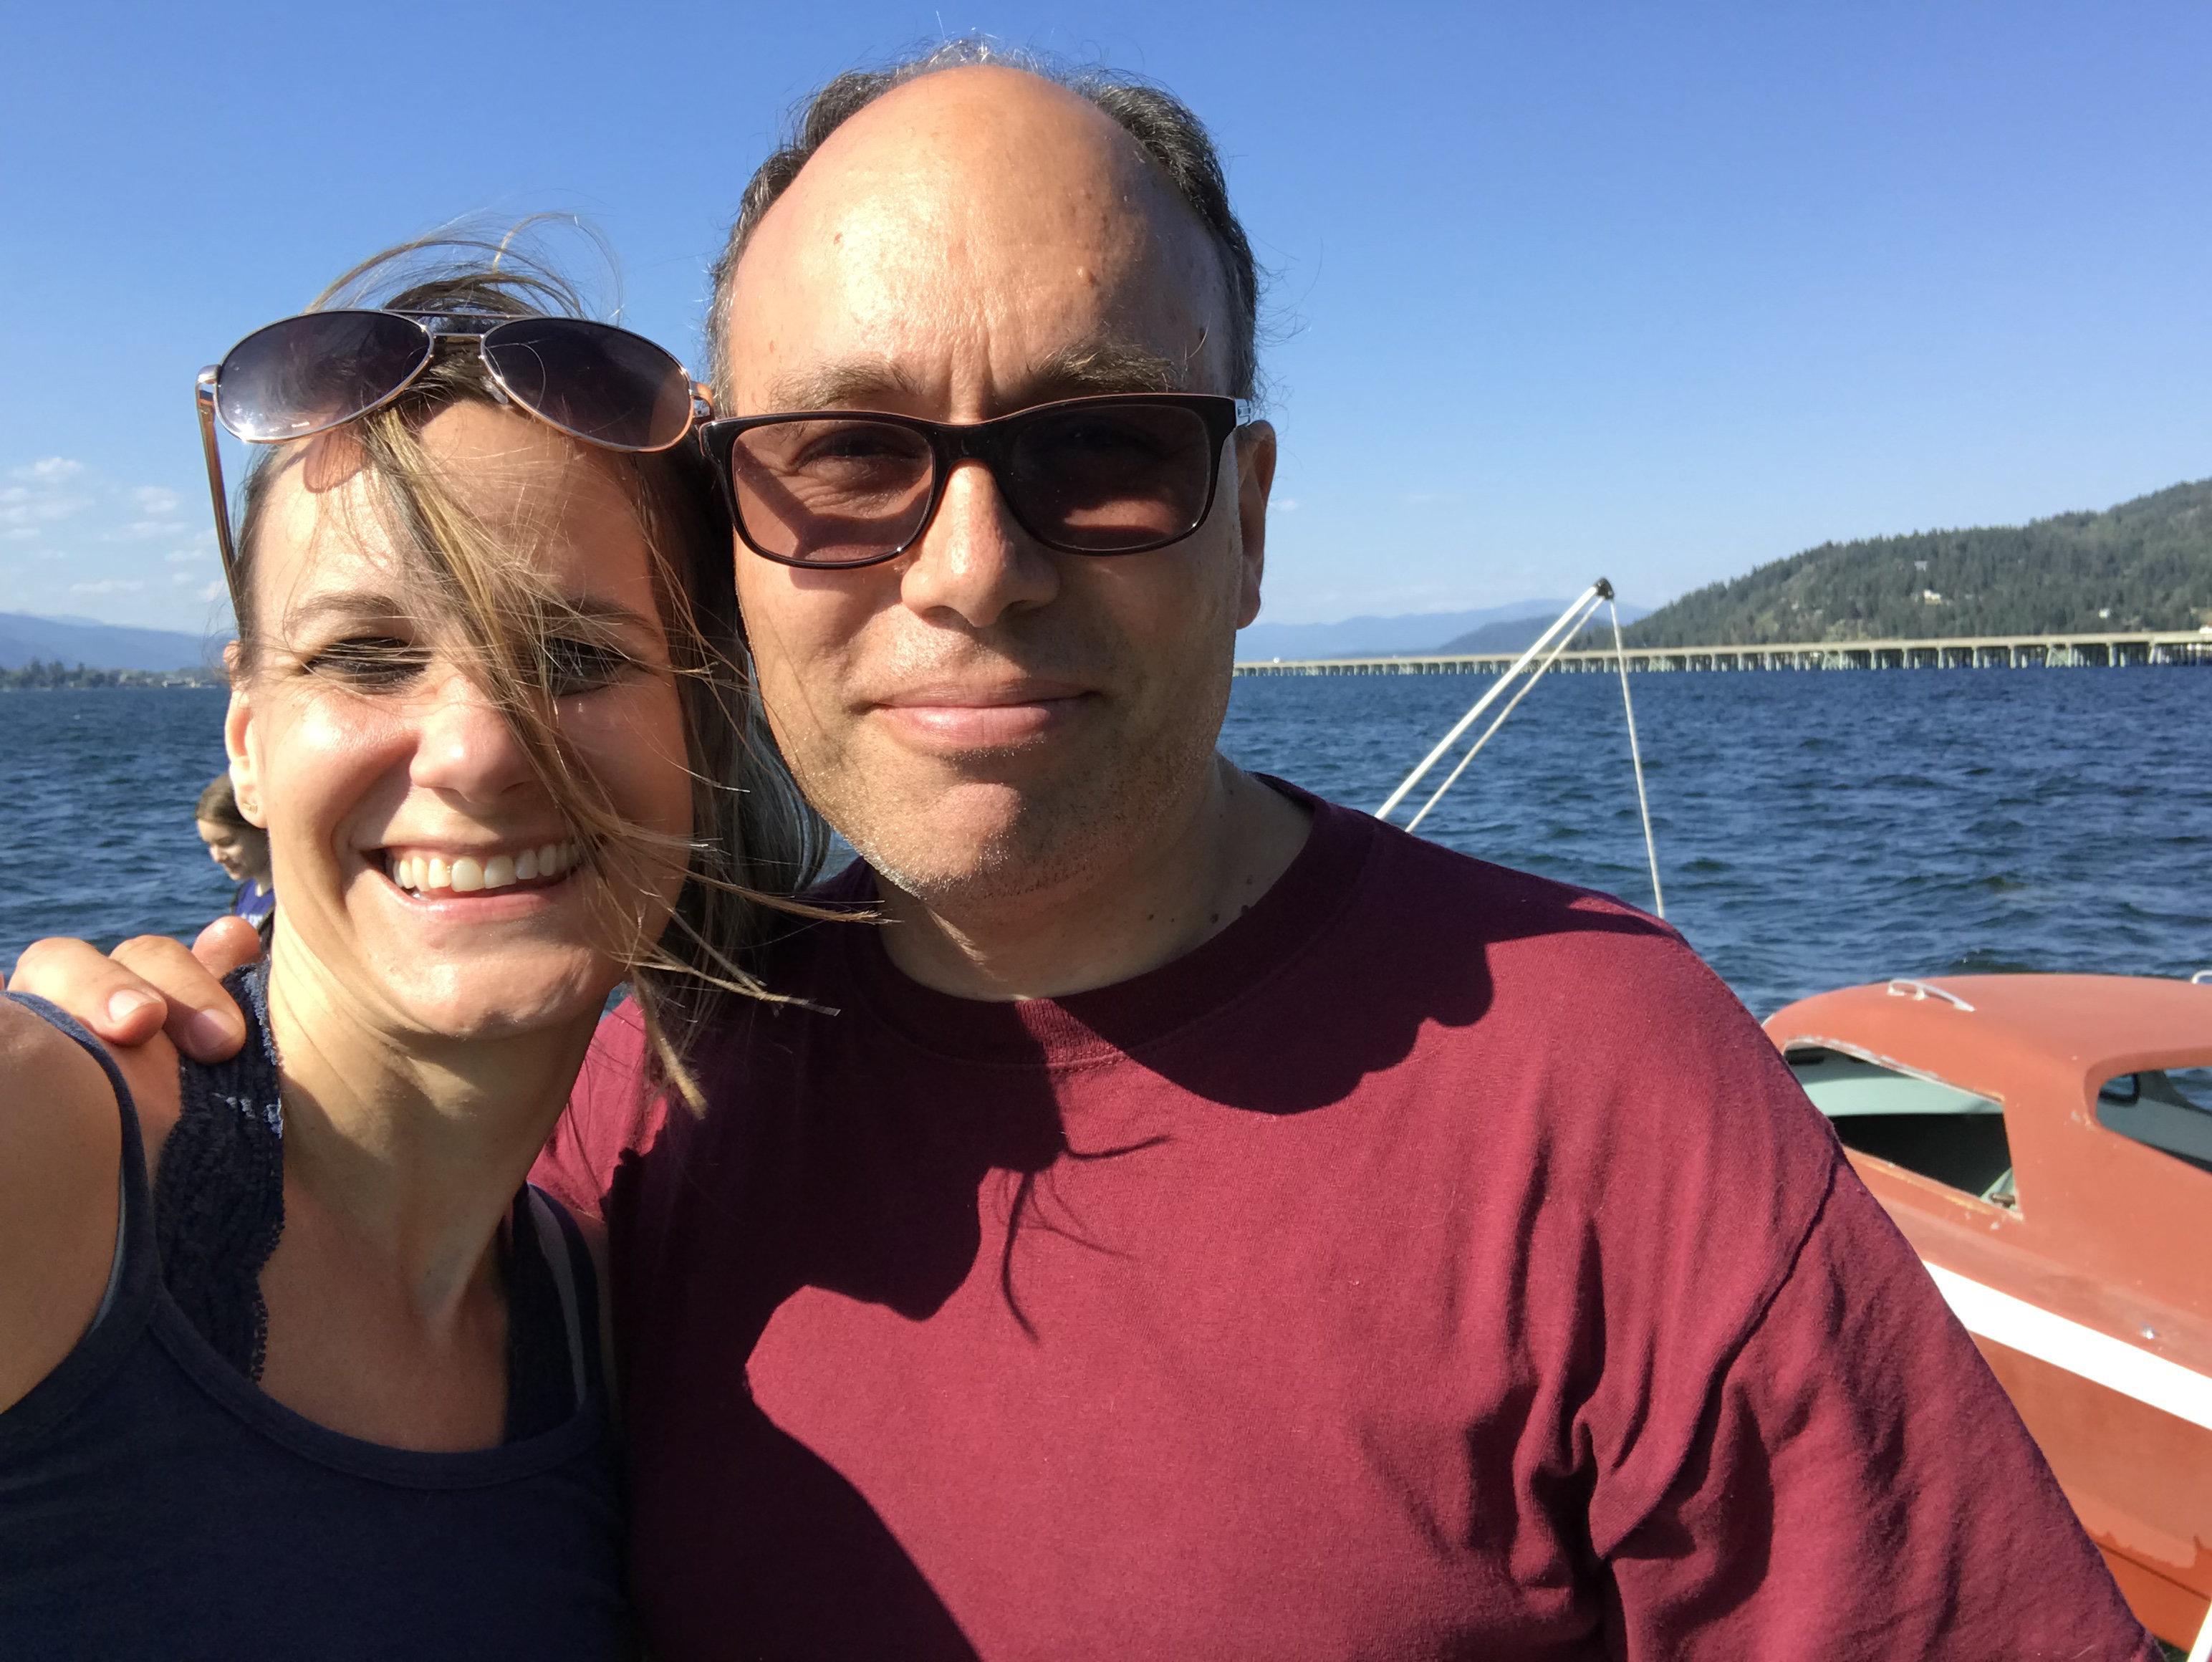 Nach 12 Jahren begegnete ich dem Samenspender meiner Tochter – und verliebte